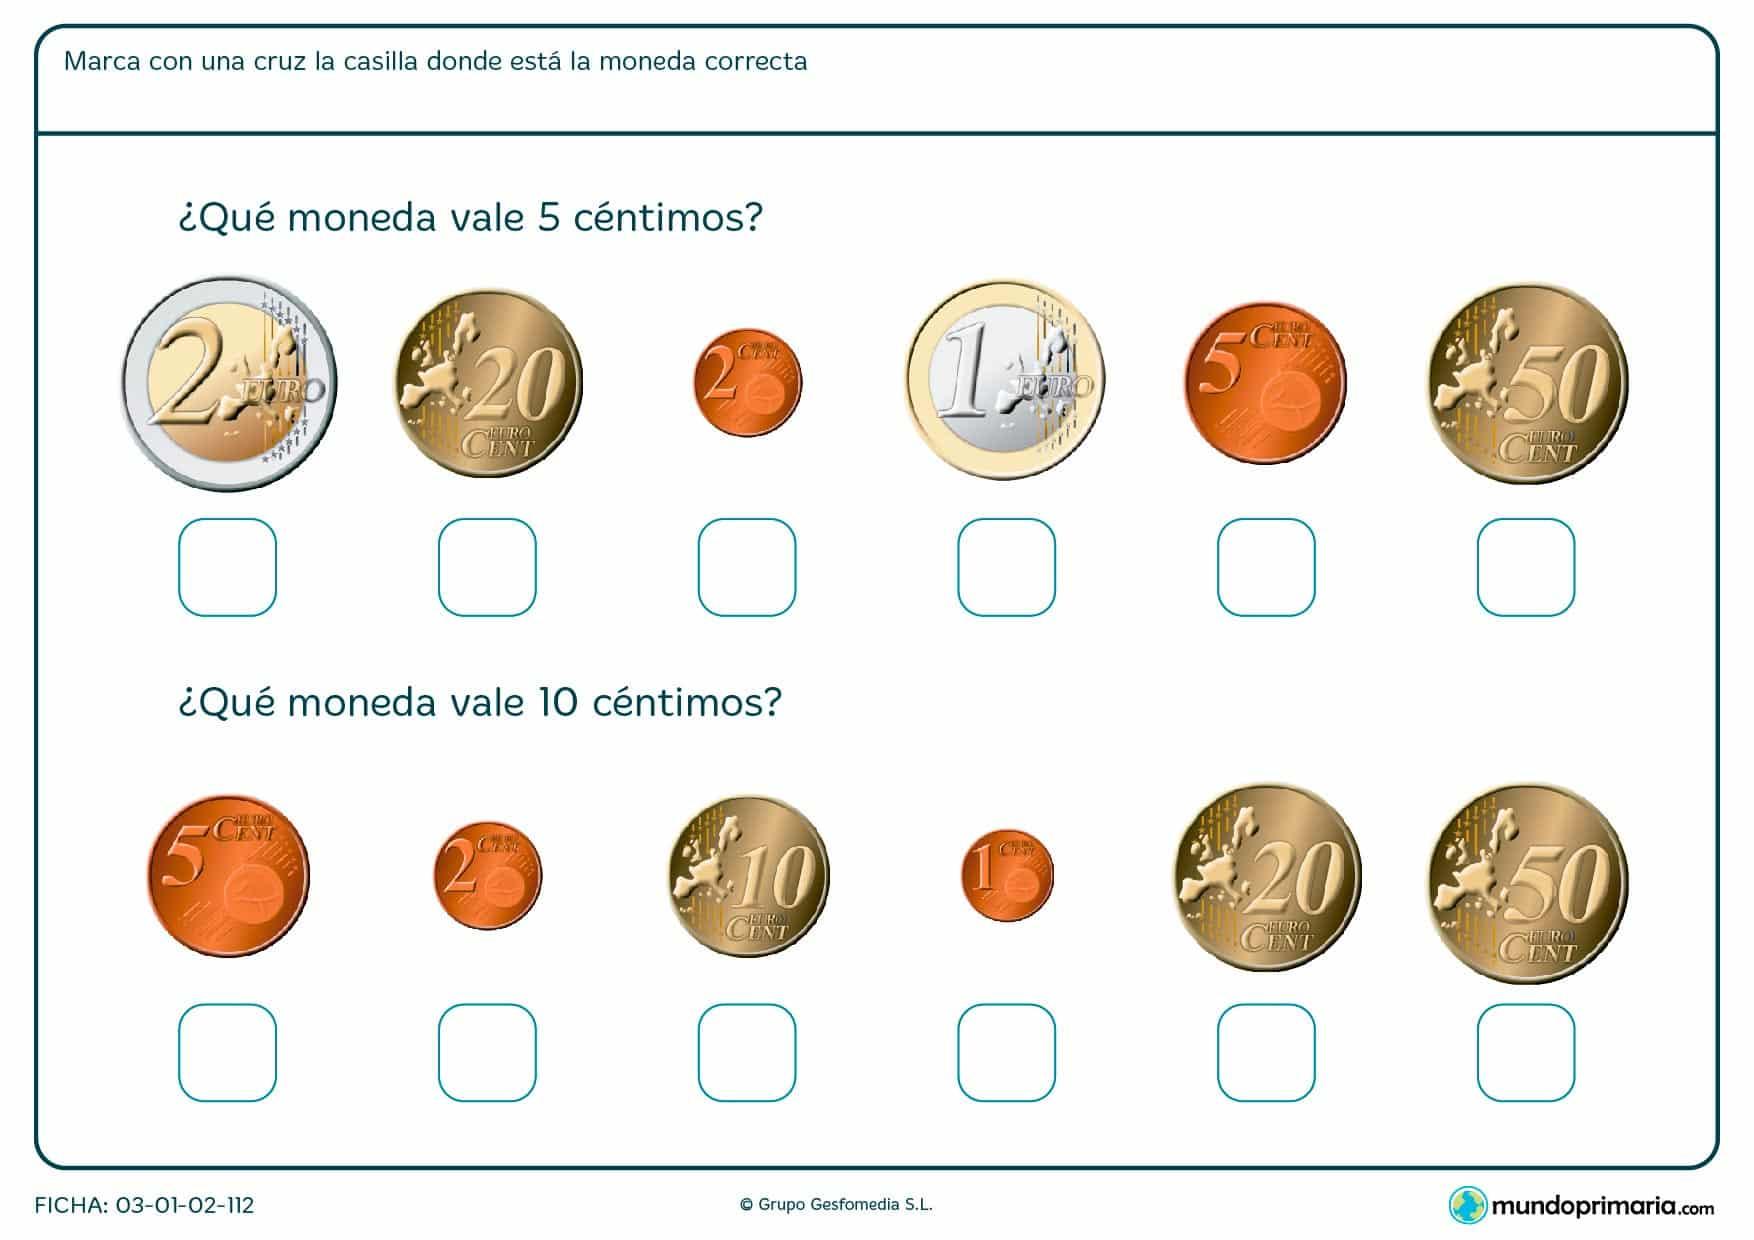 Ficha de monedas de 5 céntimos y 10 céntimos, búscalas y márcalas con una x.